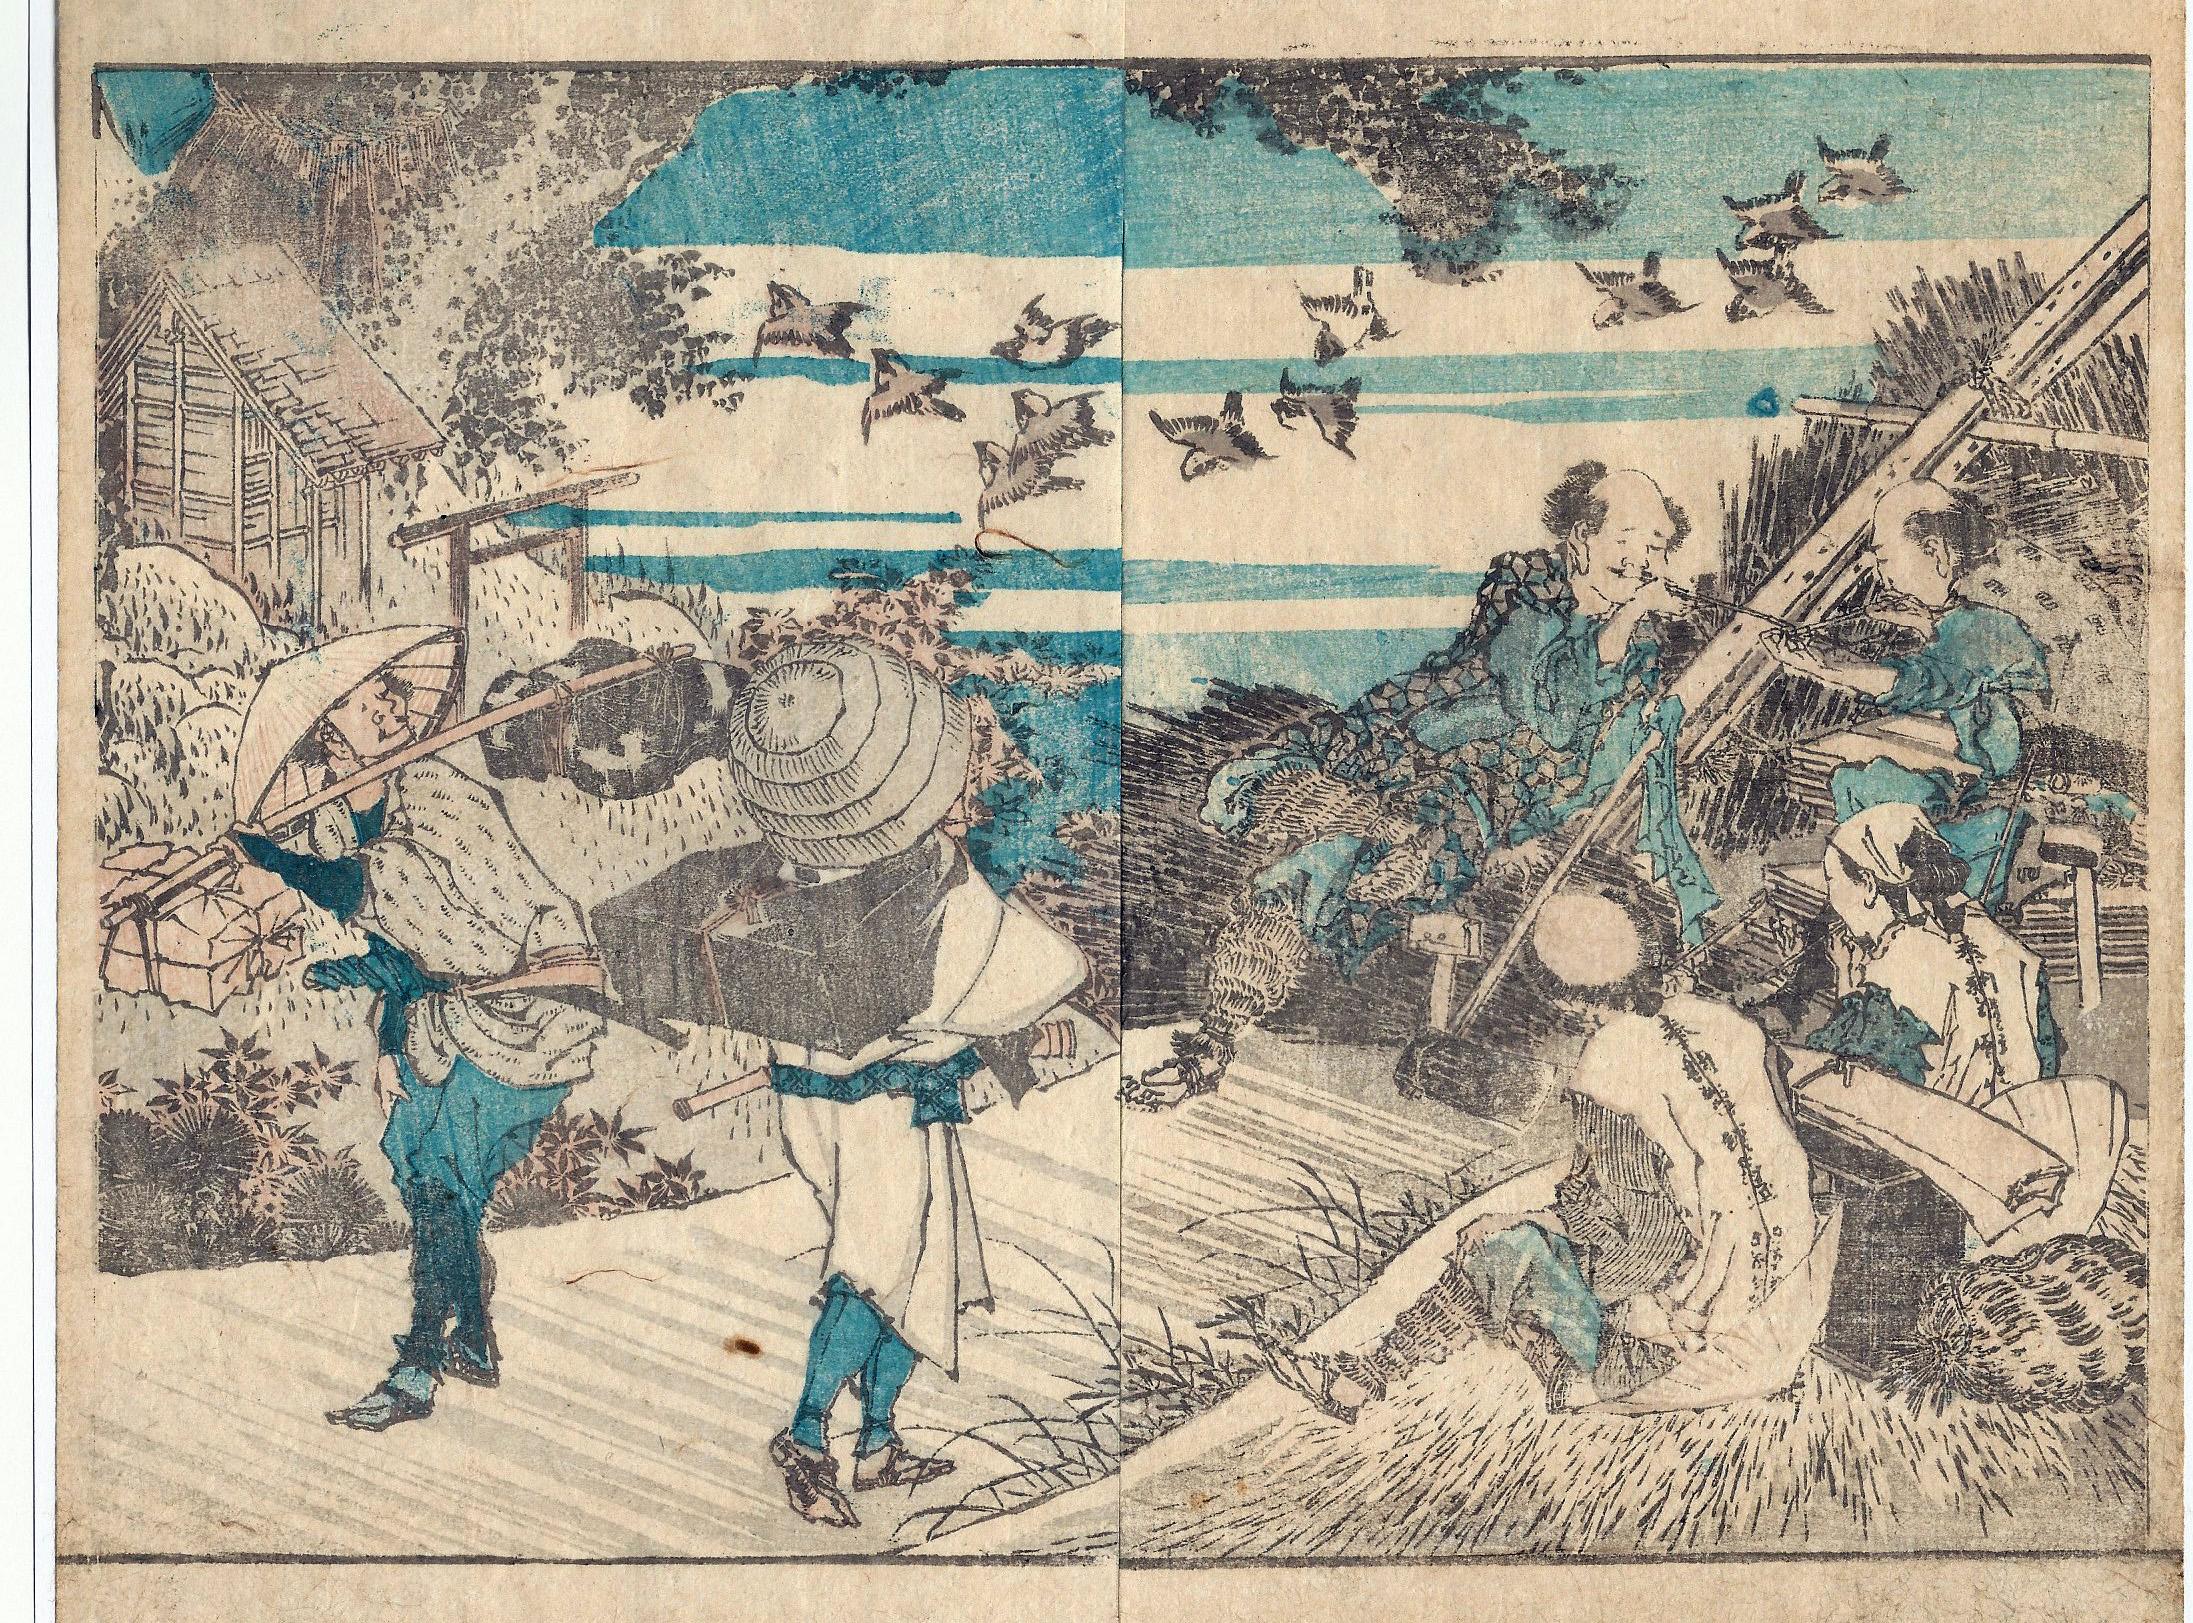 Katsushika HOKUSAI (Giappone, 1760 – 1849) – IL RIPOSO DEI CONTADINI